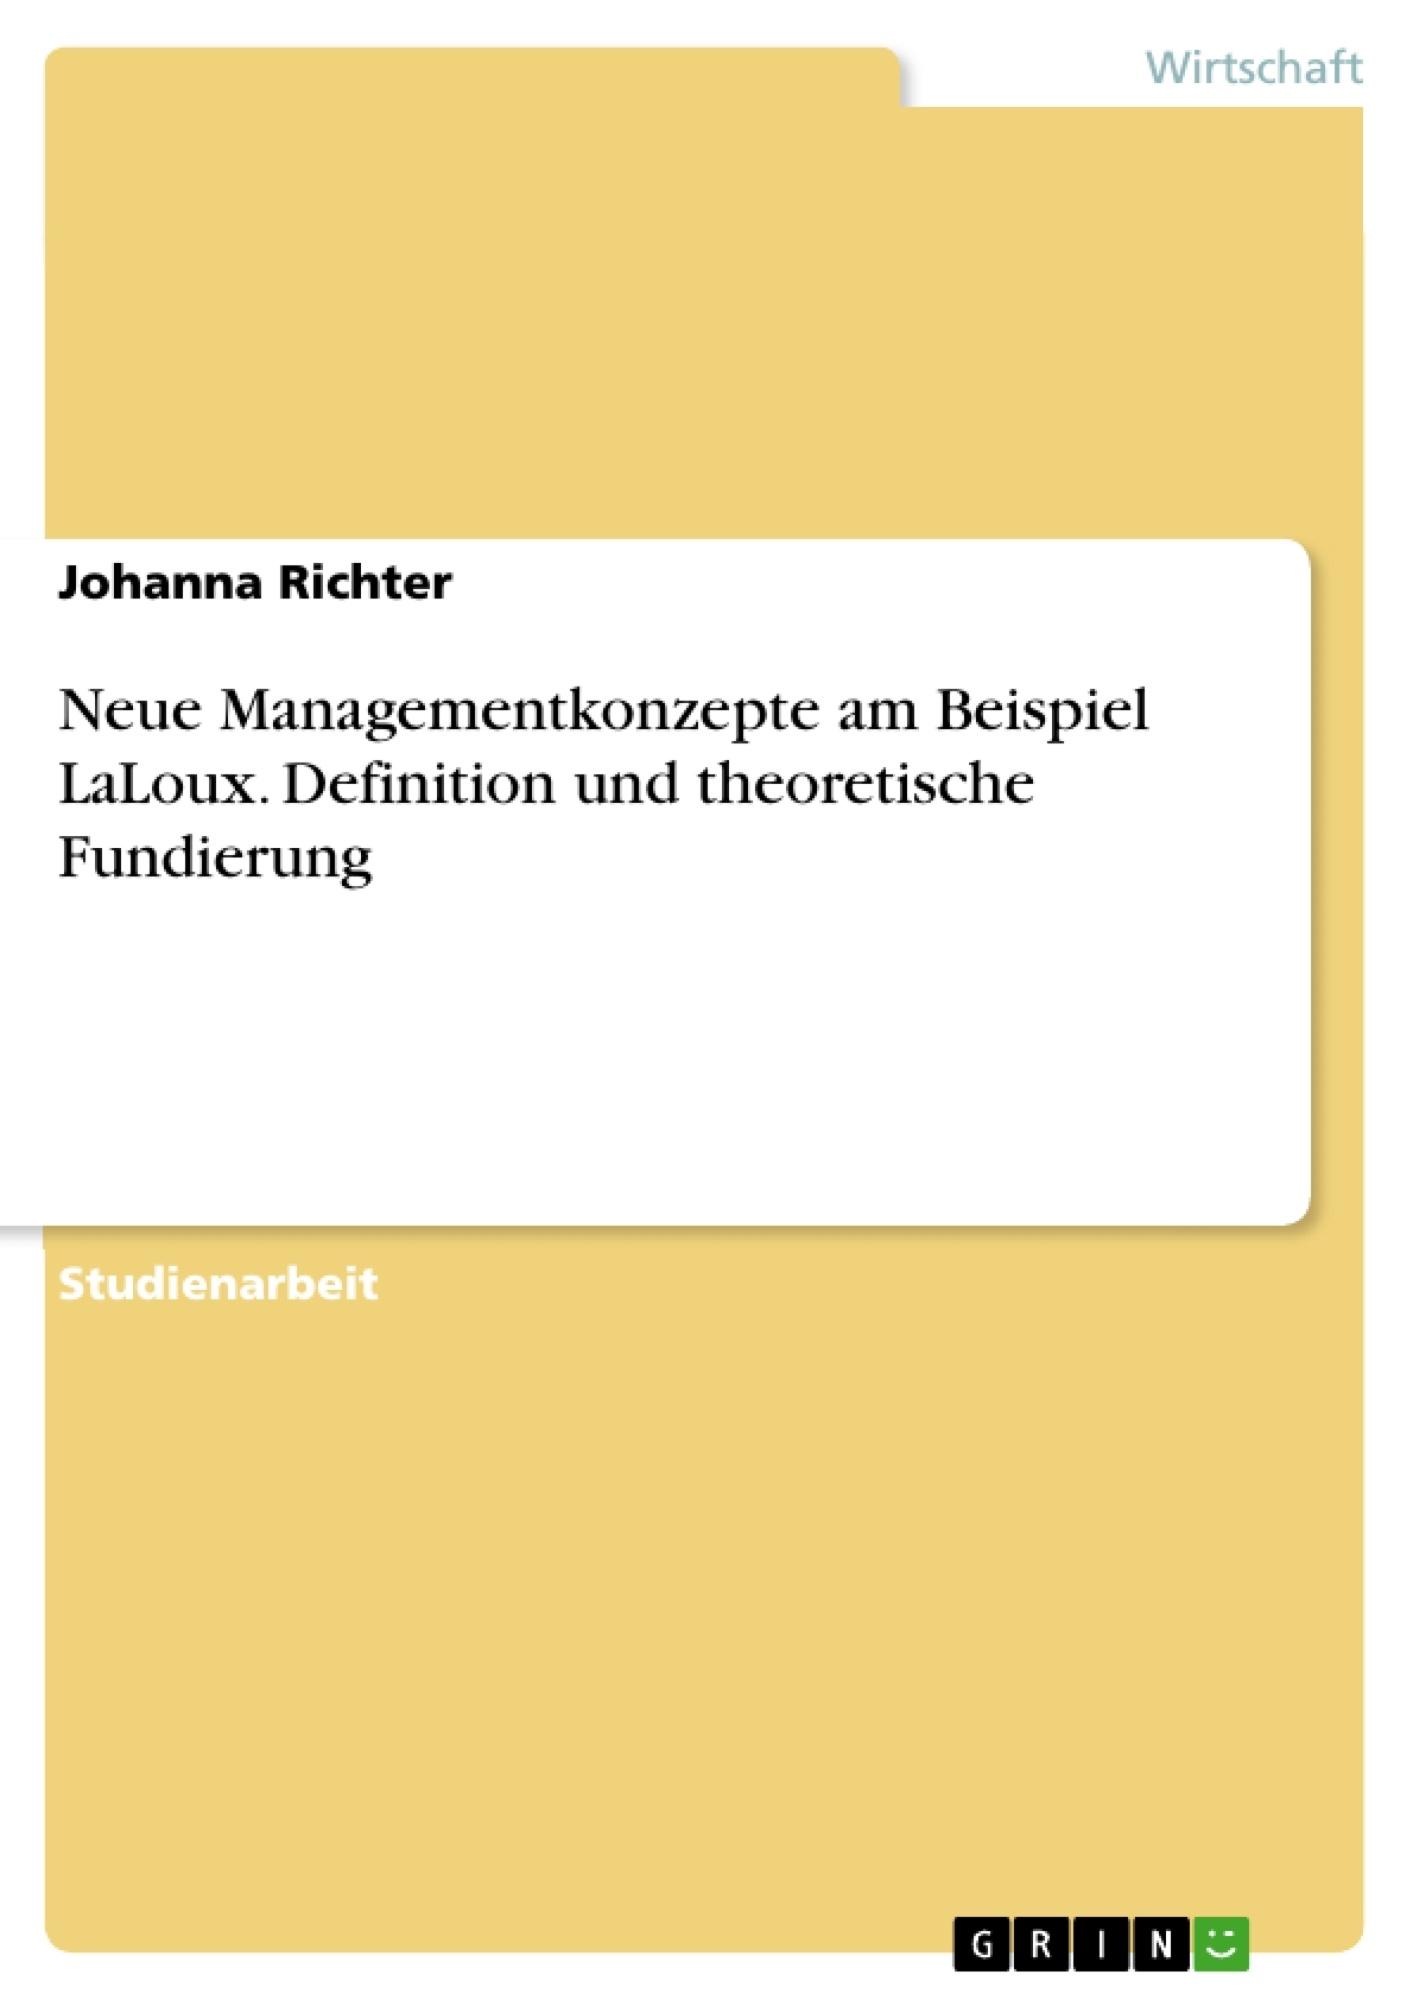 Titel: Neue Managementkonzepte am Beispiel LaLoux. Definition und theoretische Fundierung